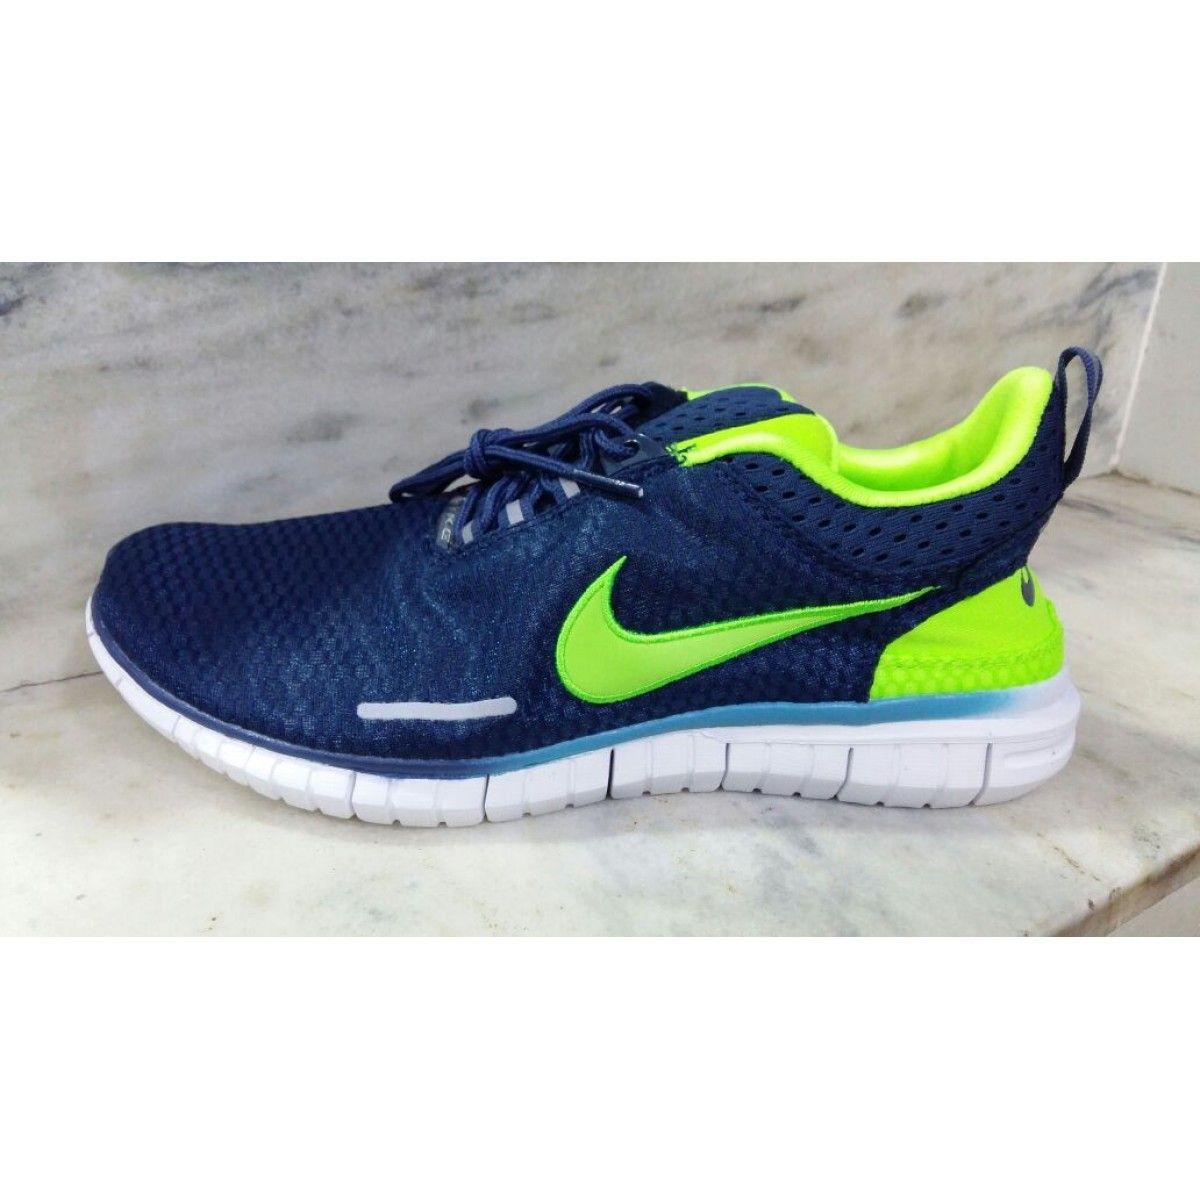 Nike Free Run OG Breathe Blue Green Running Shoes